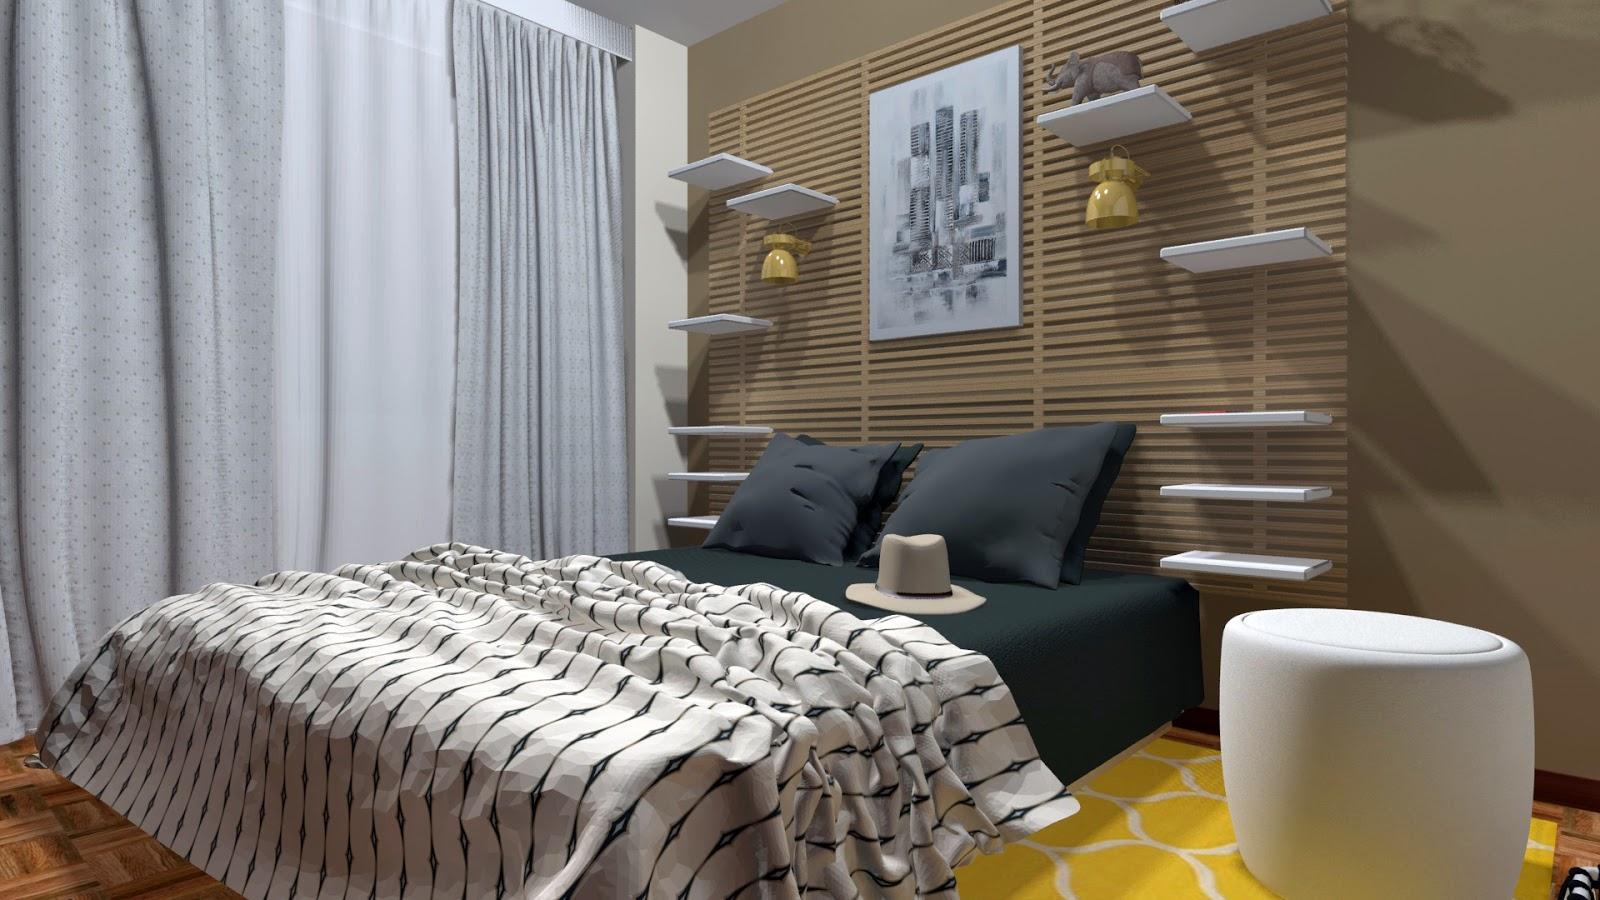 Dise a tu dormitorio ikea 3d casa dise o for Disena tu habitacion